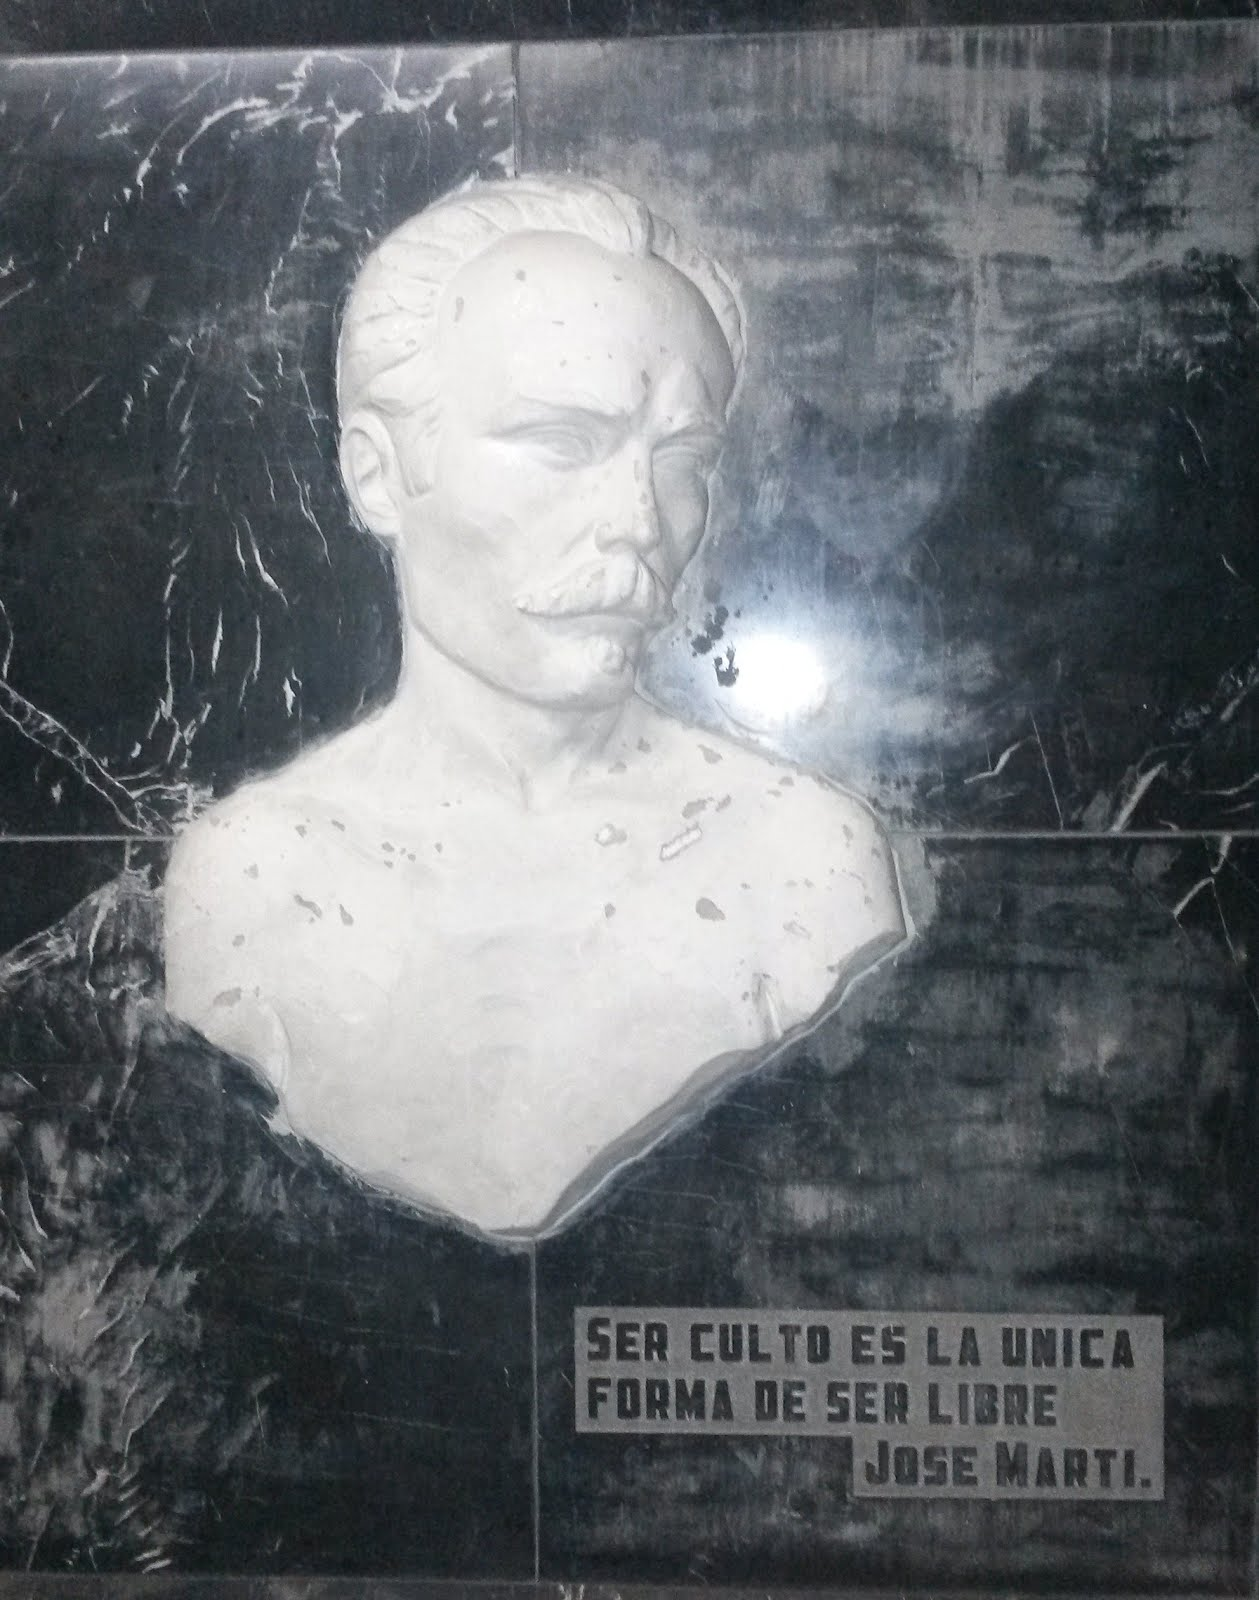 JOSÉ MARTÍ - Apóstolo de Cuba